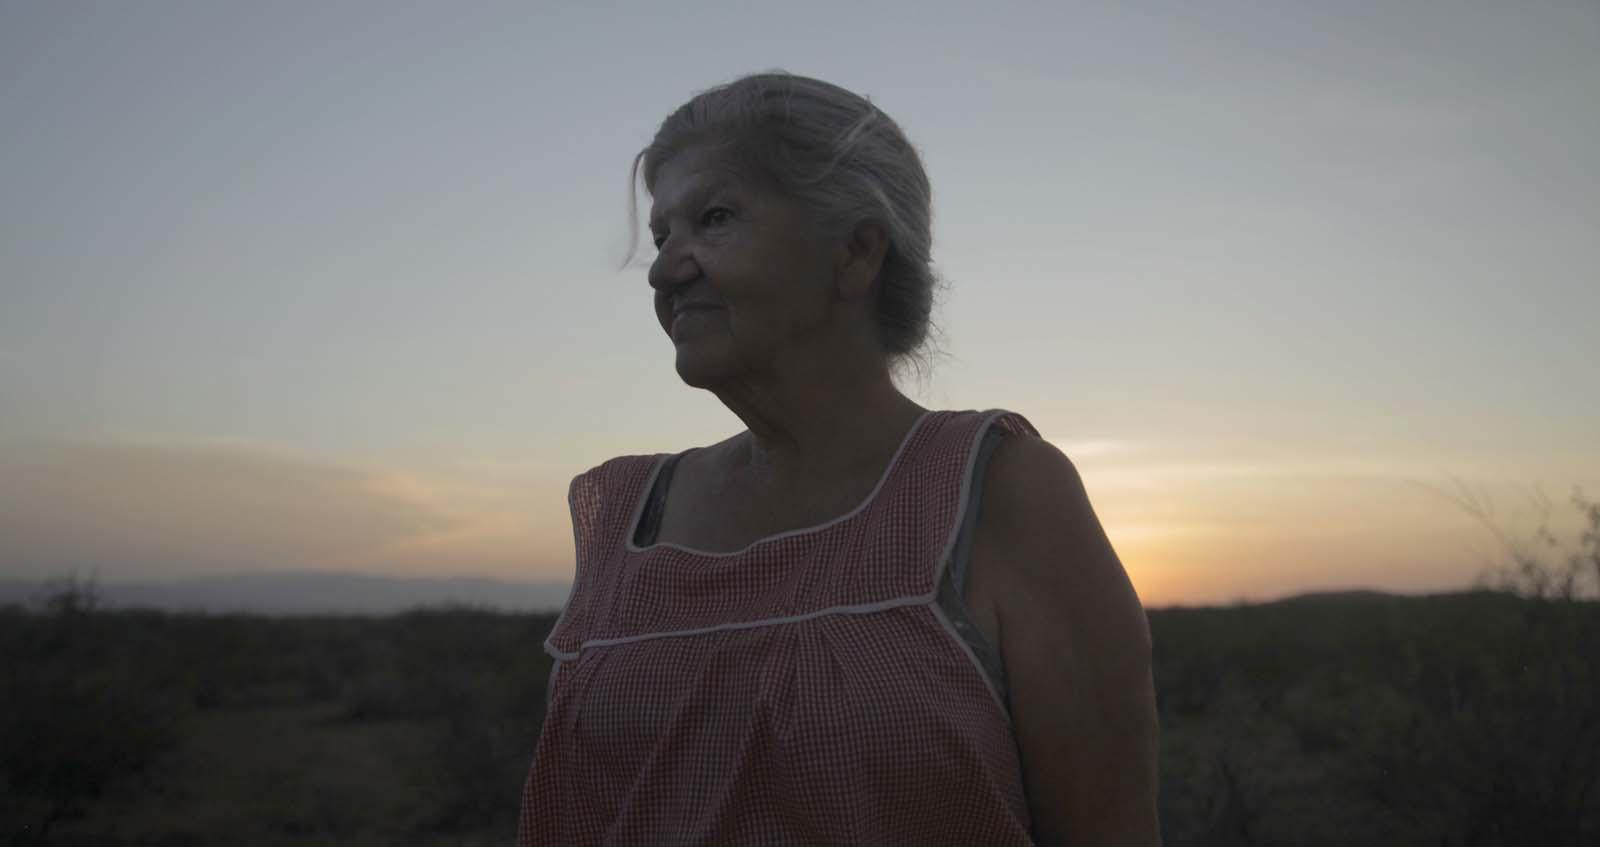 Cena do filme Nomadland. Nela, vemos Linda May ao anoitecer. Ela é uma mulher branca, idosa e grisalha. Usa cabelo preso num coque e veste um vestido vermelho e branco. Está anoitecendo mas o sol ainda está no horizonte.